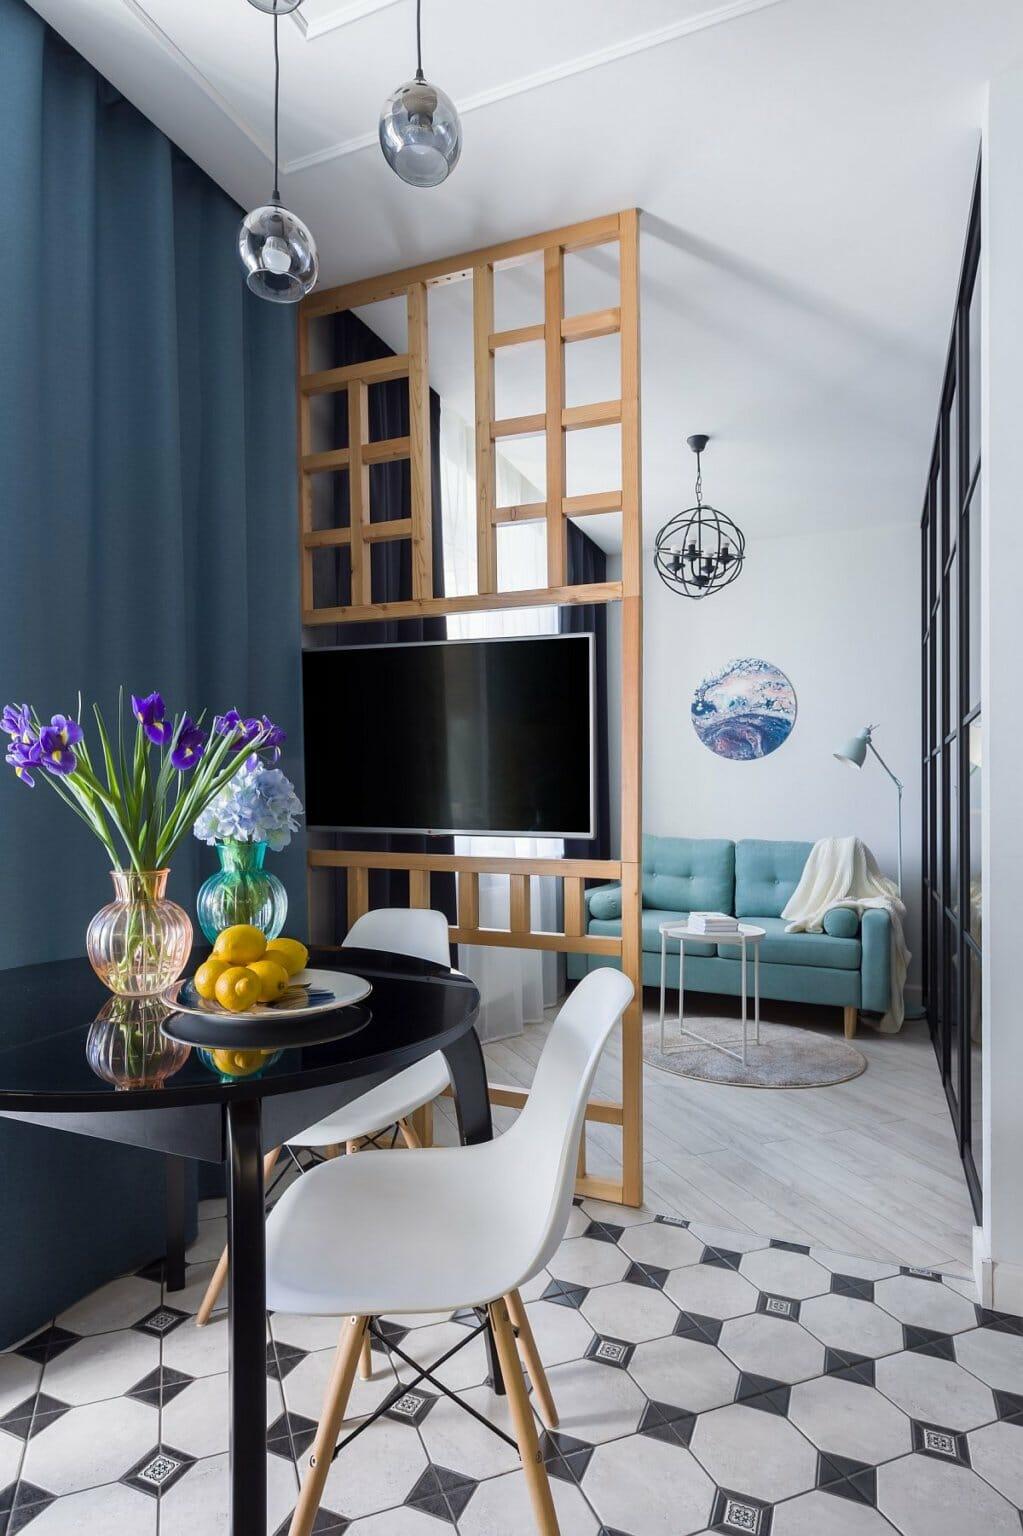 hình ảnh phòng ăn liền kề phòng khách trong căn hộ nhỏ